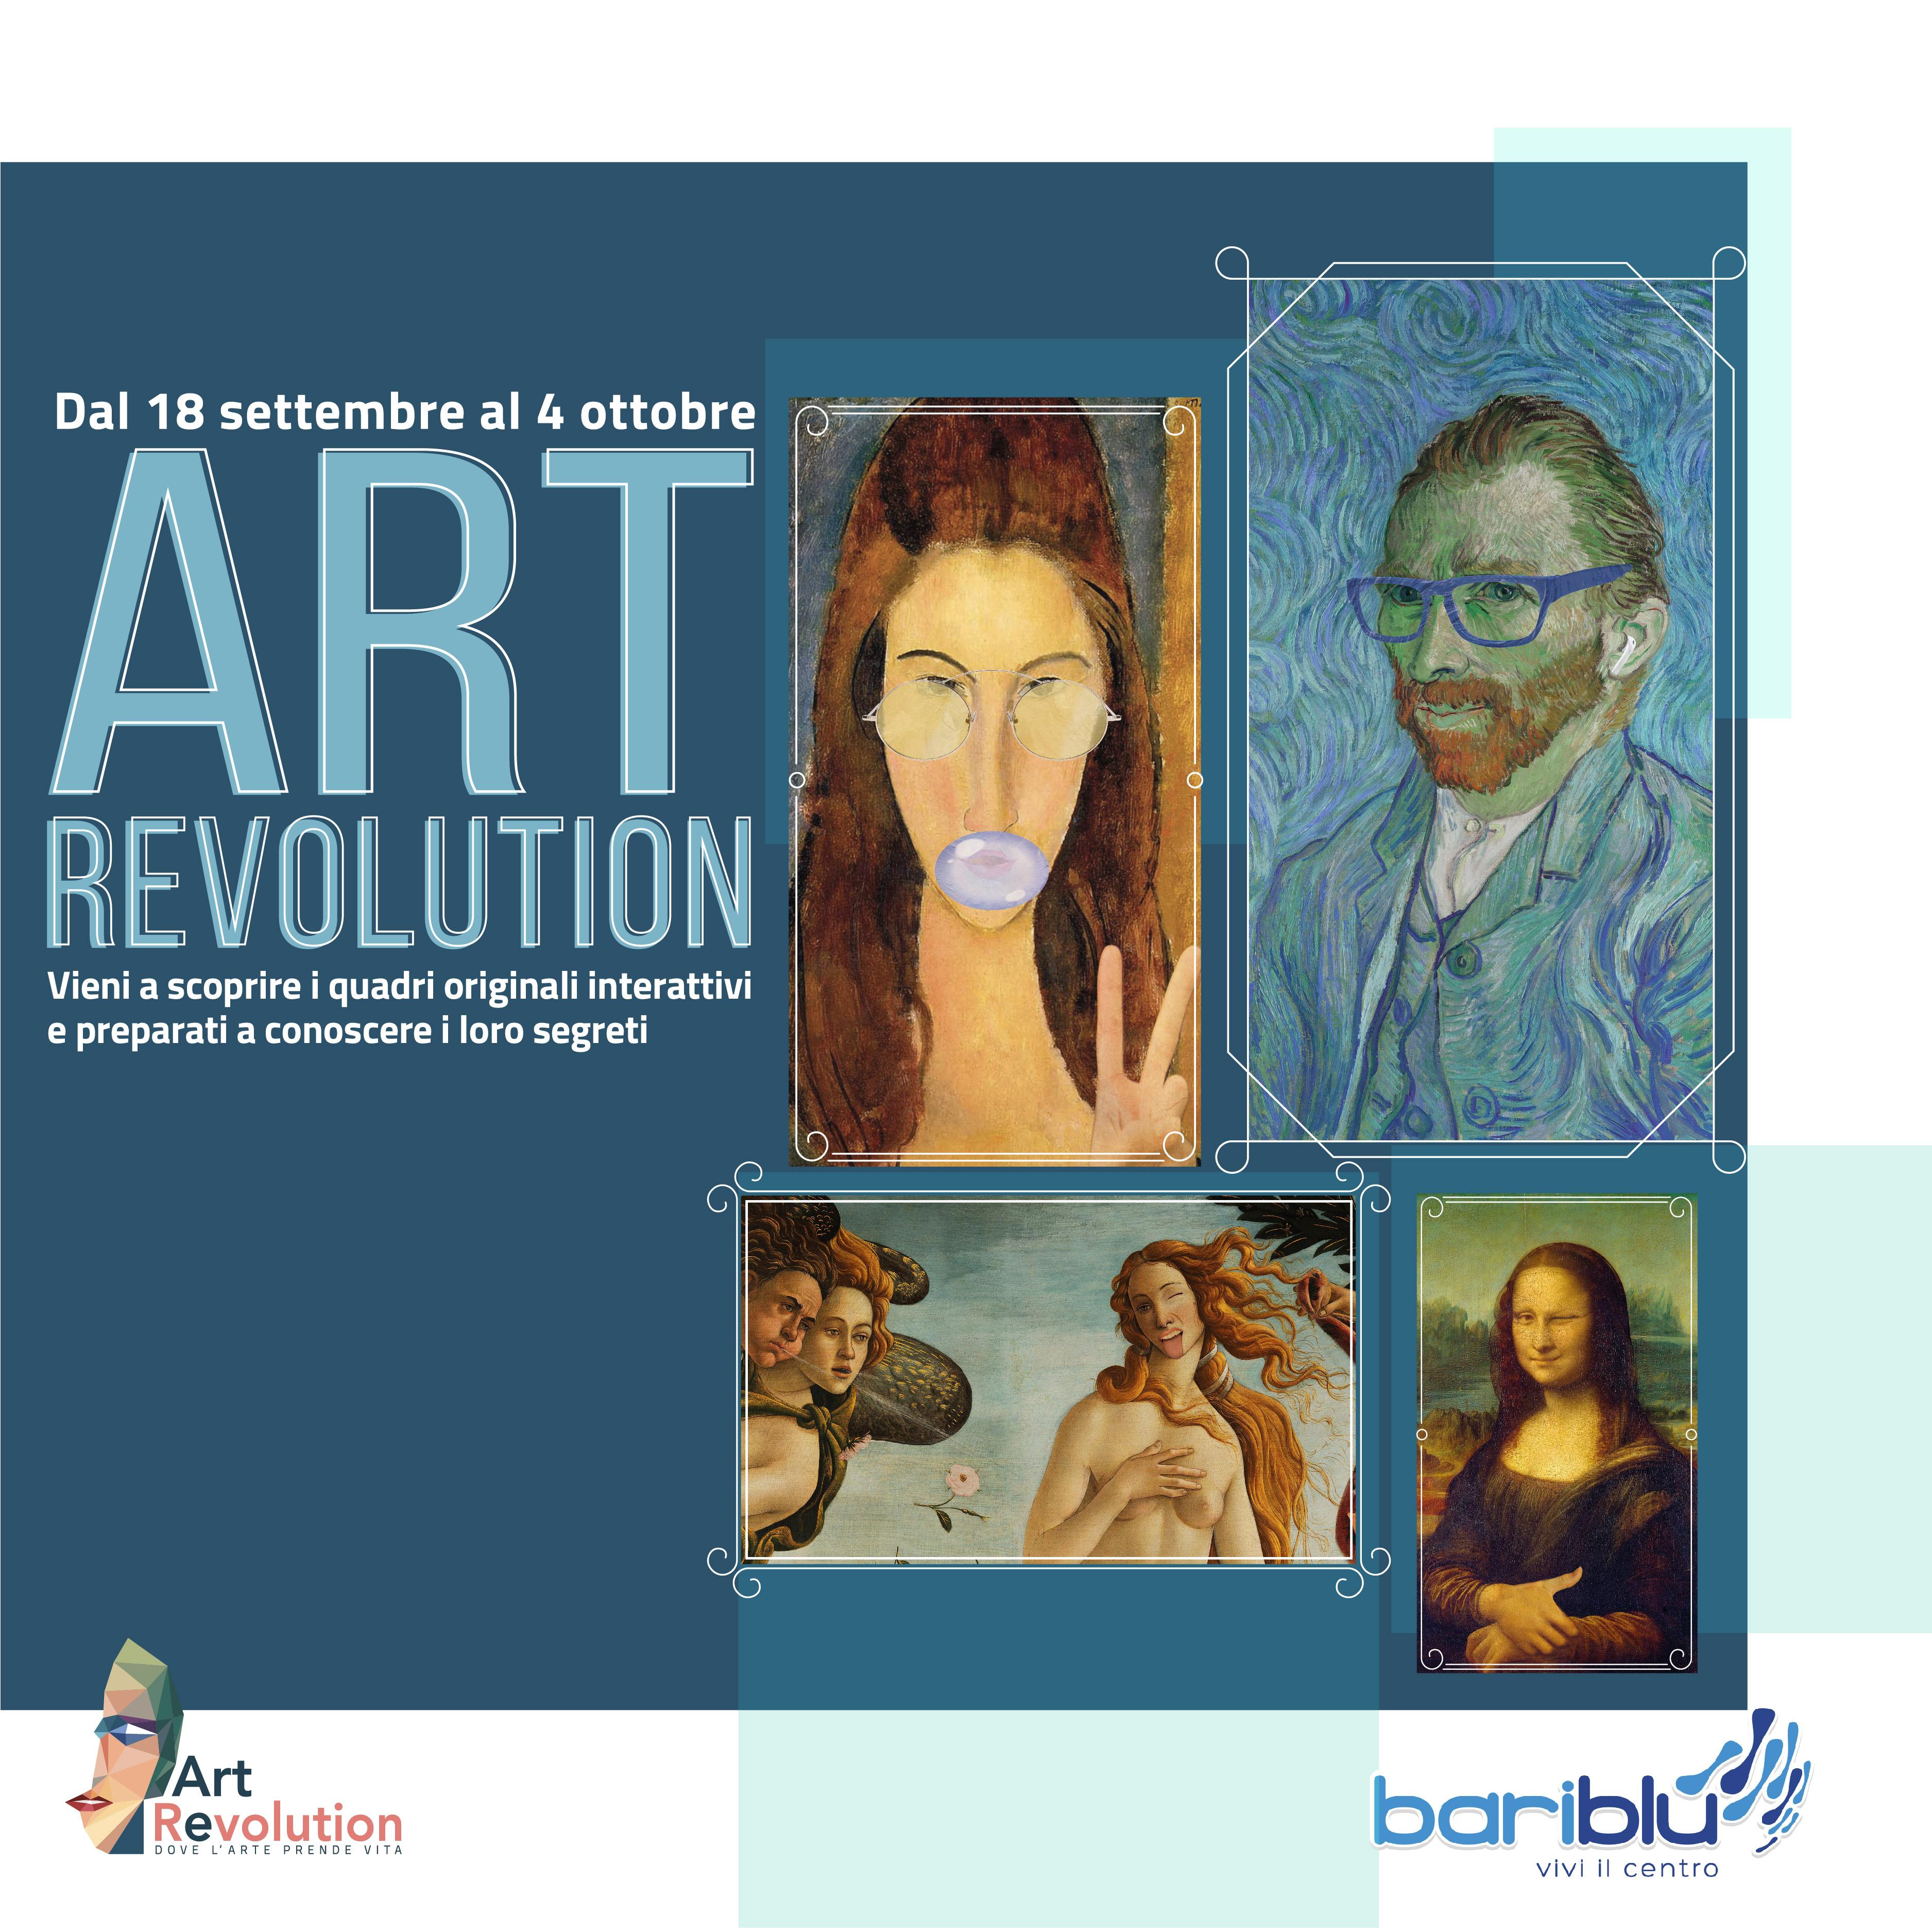 Art Revolution: La mostra virtuale e interattiva arriva a Bariblu